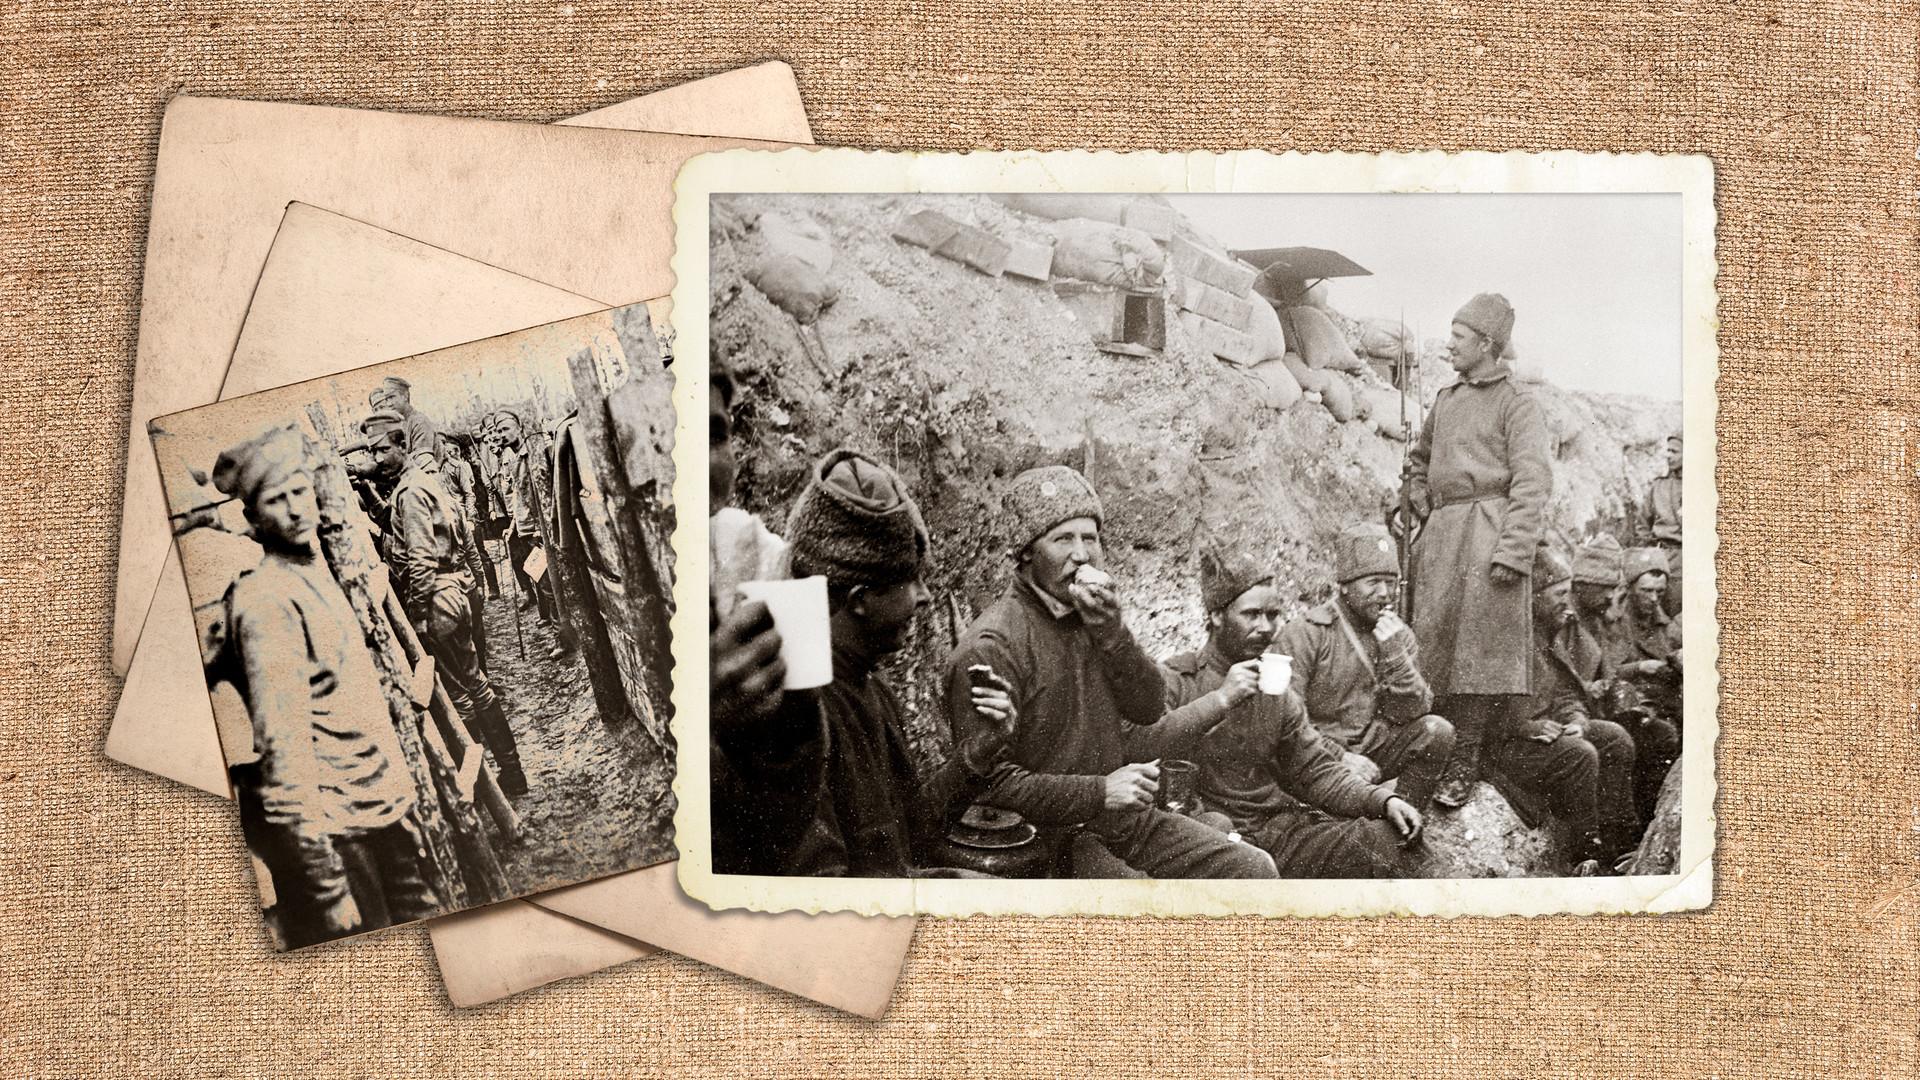 Първата световна война (1914-1918). Войници от руската армия в окопите в прекъсване между сраженията. 30 април 1917 г.